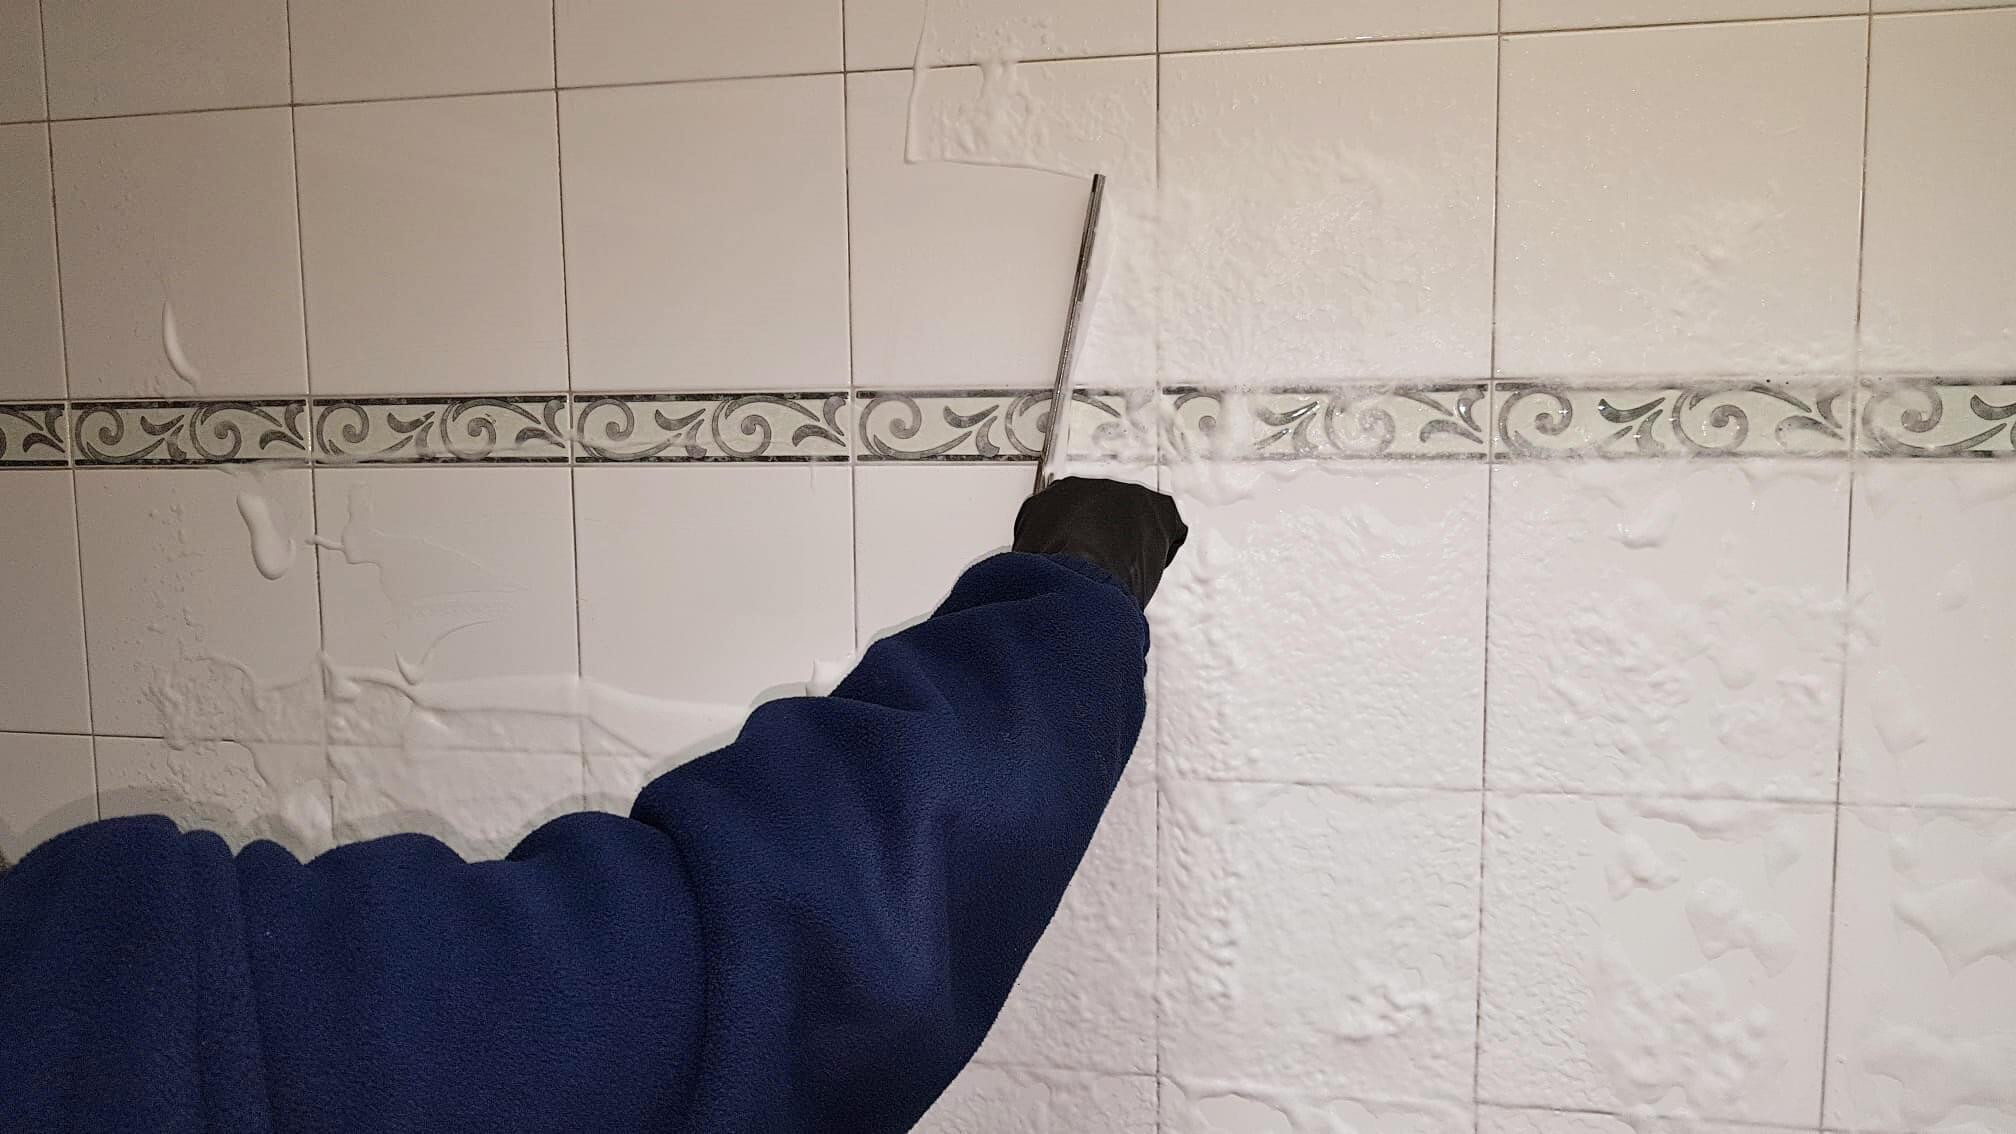 retirar tecma clean c19 en baños